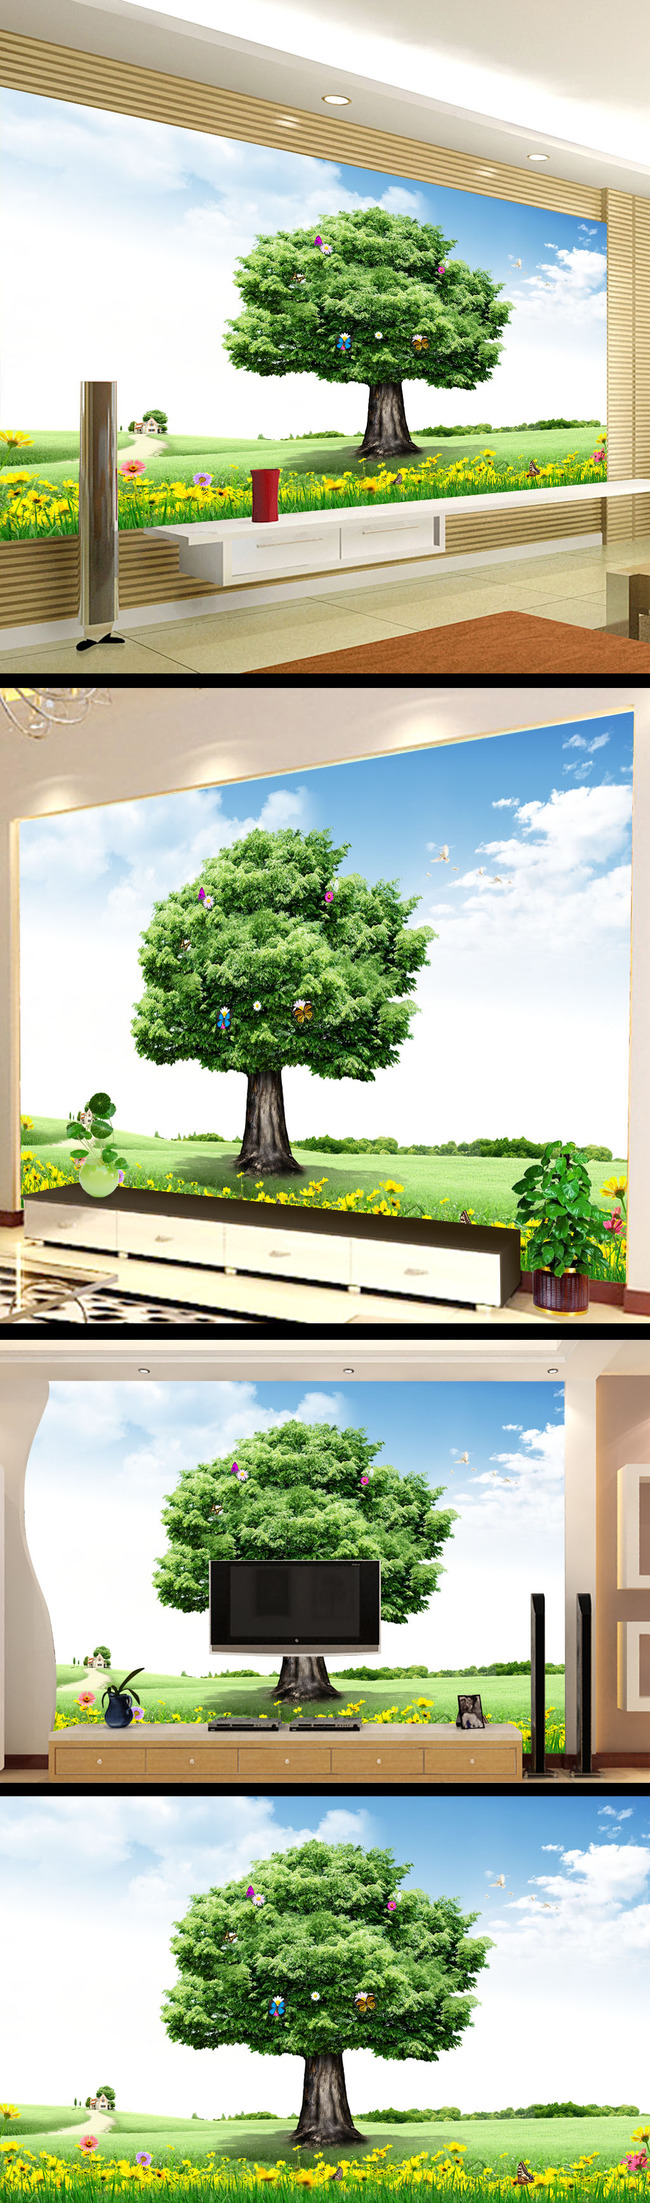 墙画 壁纸 psd 春天 春季 草地 大树 草坪 花 说明:春季大树风景画